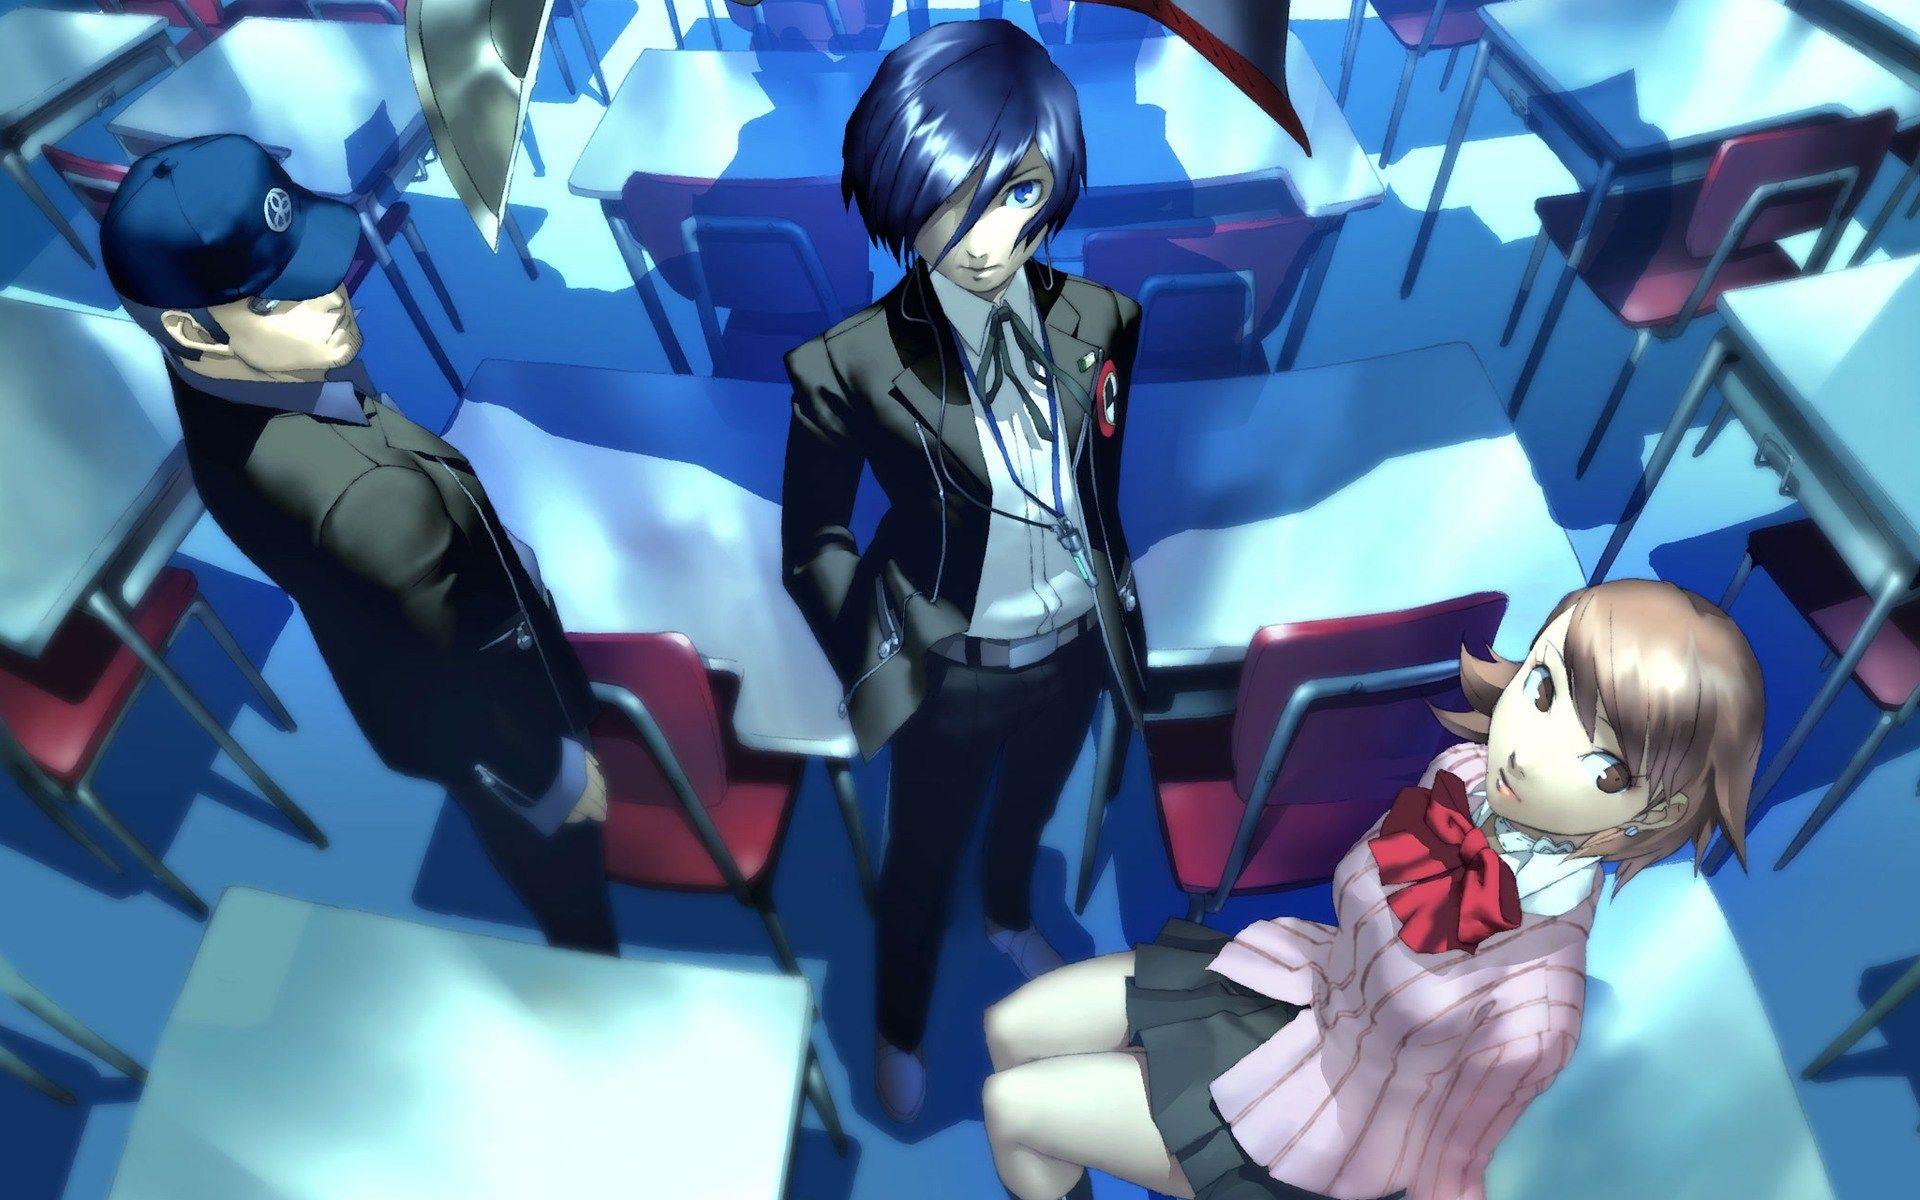 Hd Persona 3 Fes Wallpaper Shin Megami Tensei Persona